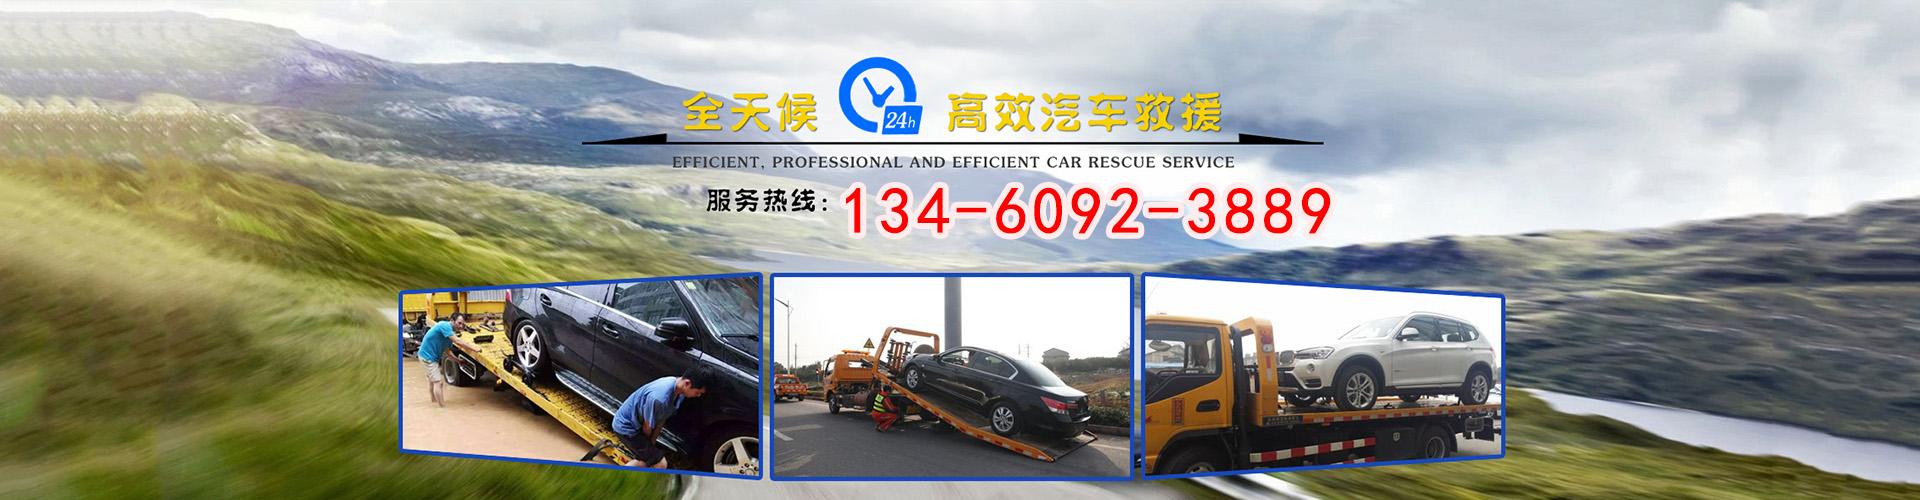 安阳汽车救援,安阳道路救援,安阳拖车救援